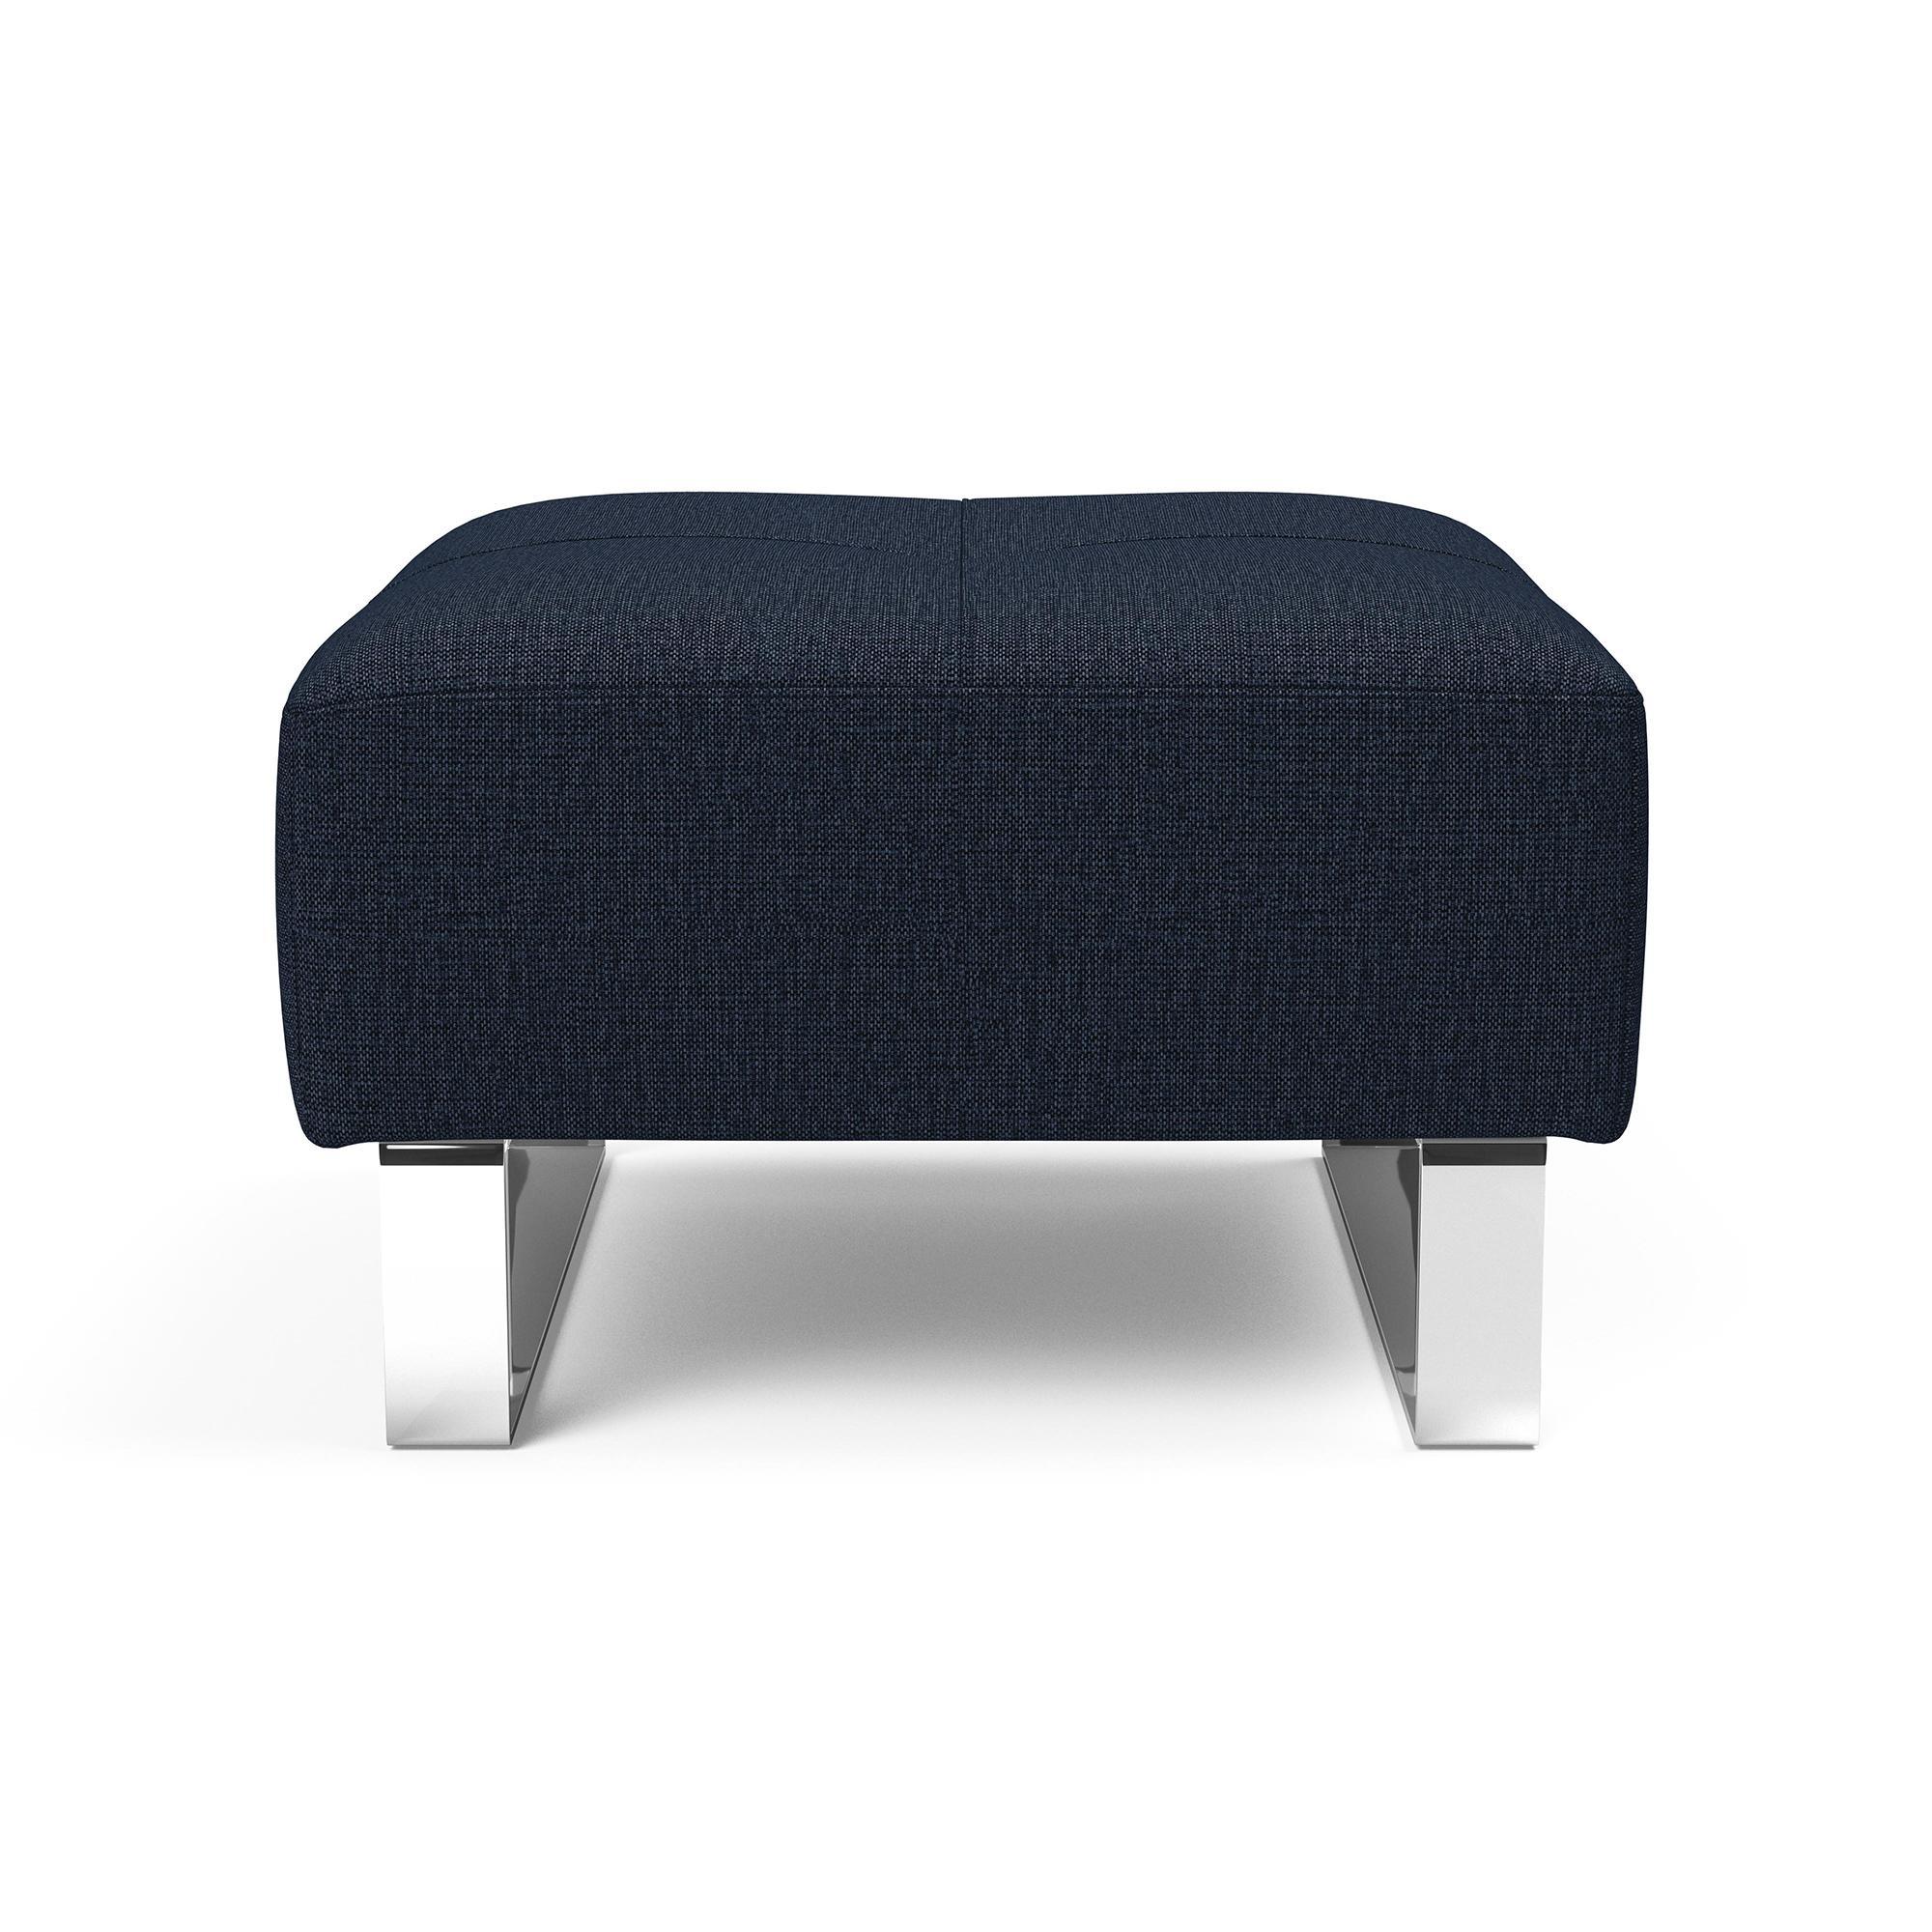 Innovation - Supremax D.E.L. Fusshocker H 41cm - blau/Stoff 528 Mixed Dance günstig online kaufen